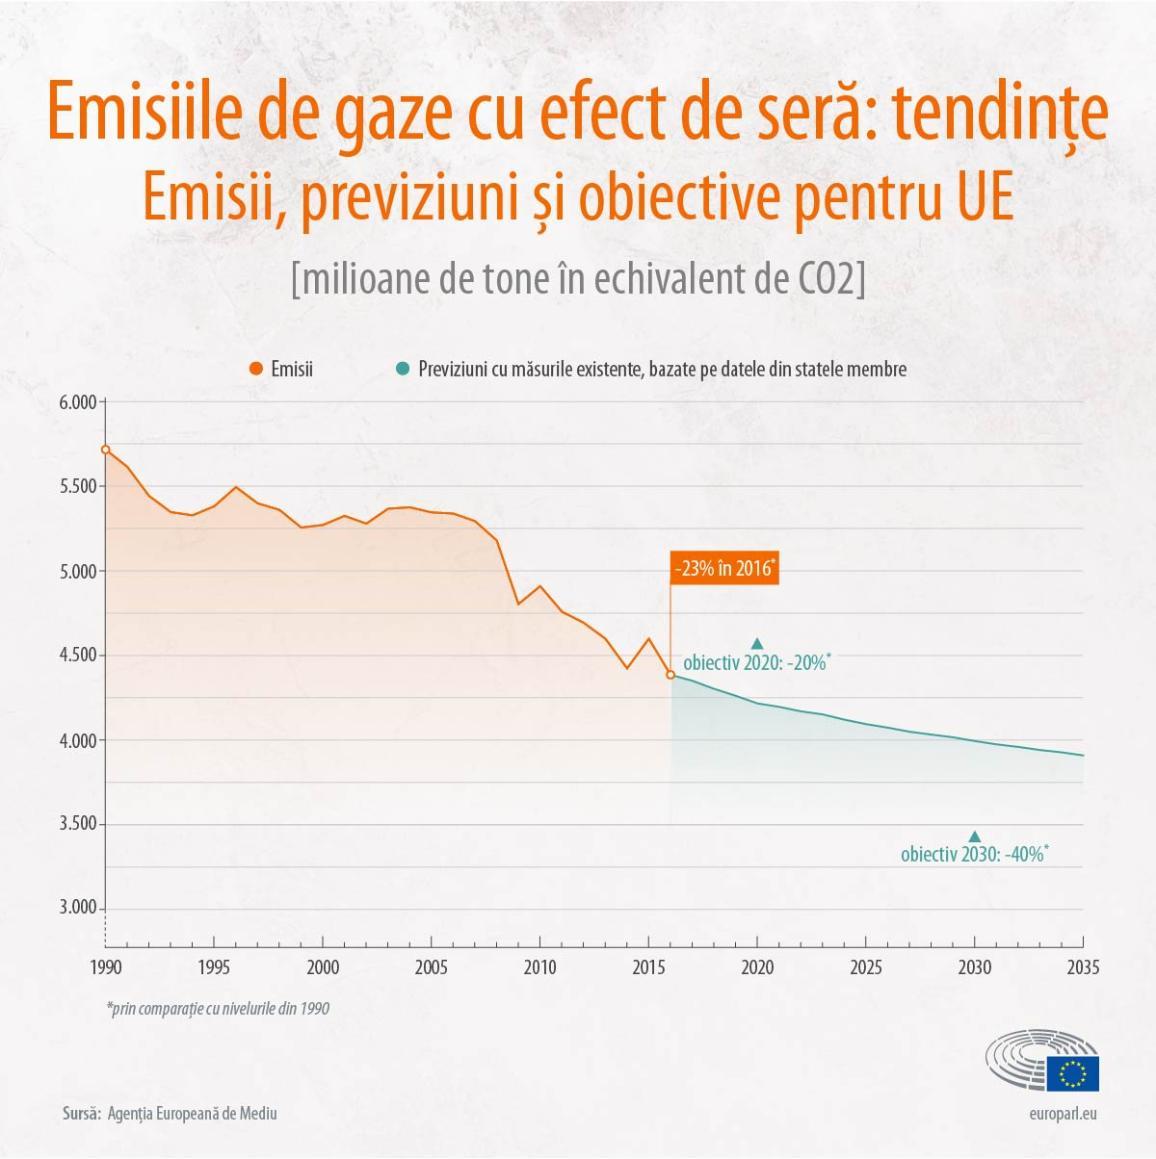 Emisiile de gaze cu efect de seră: tendințe.